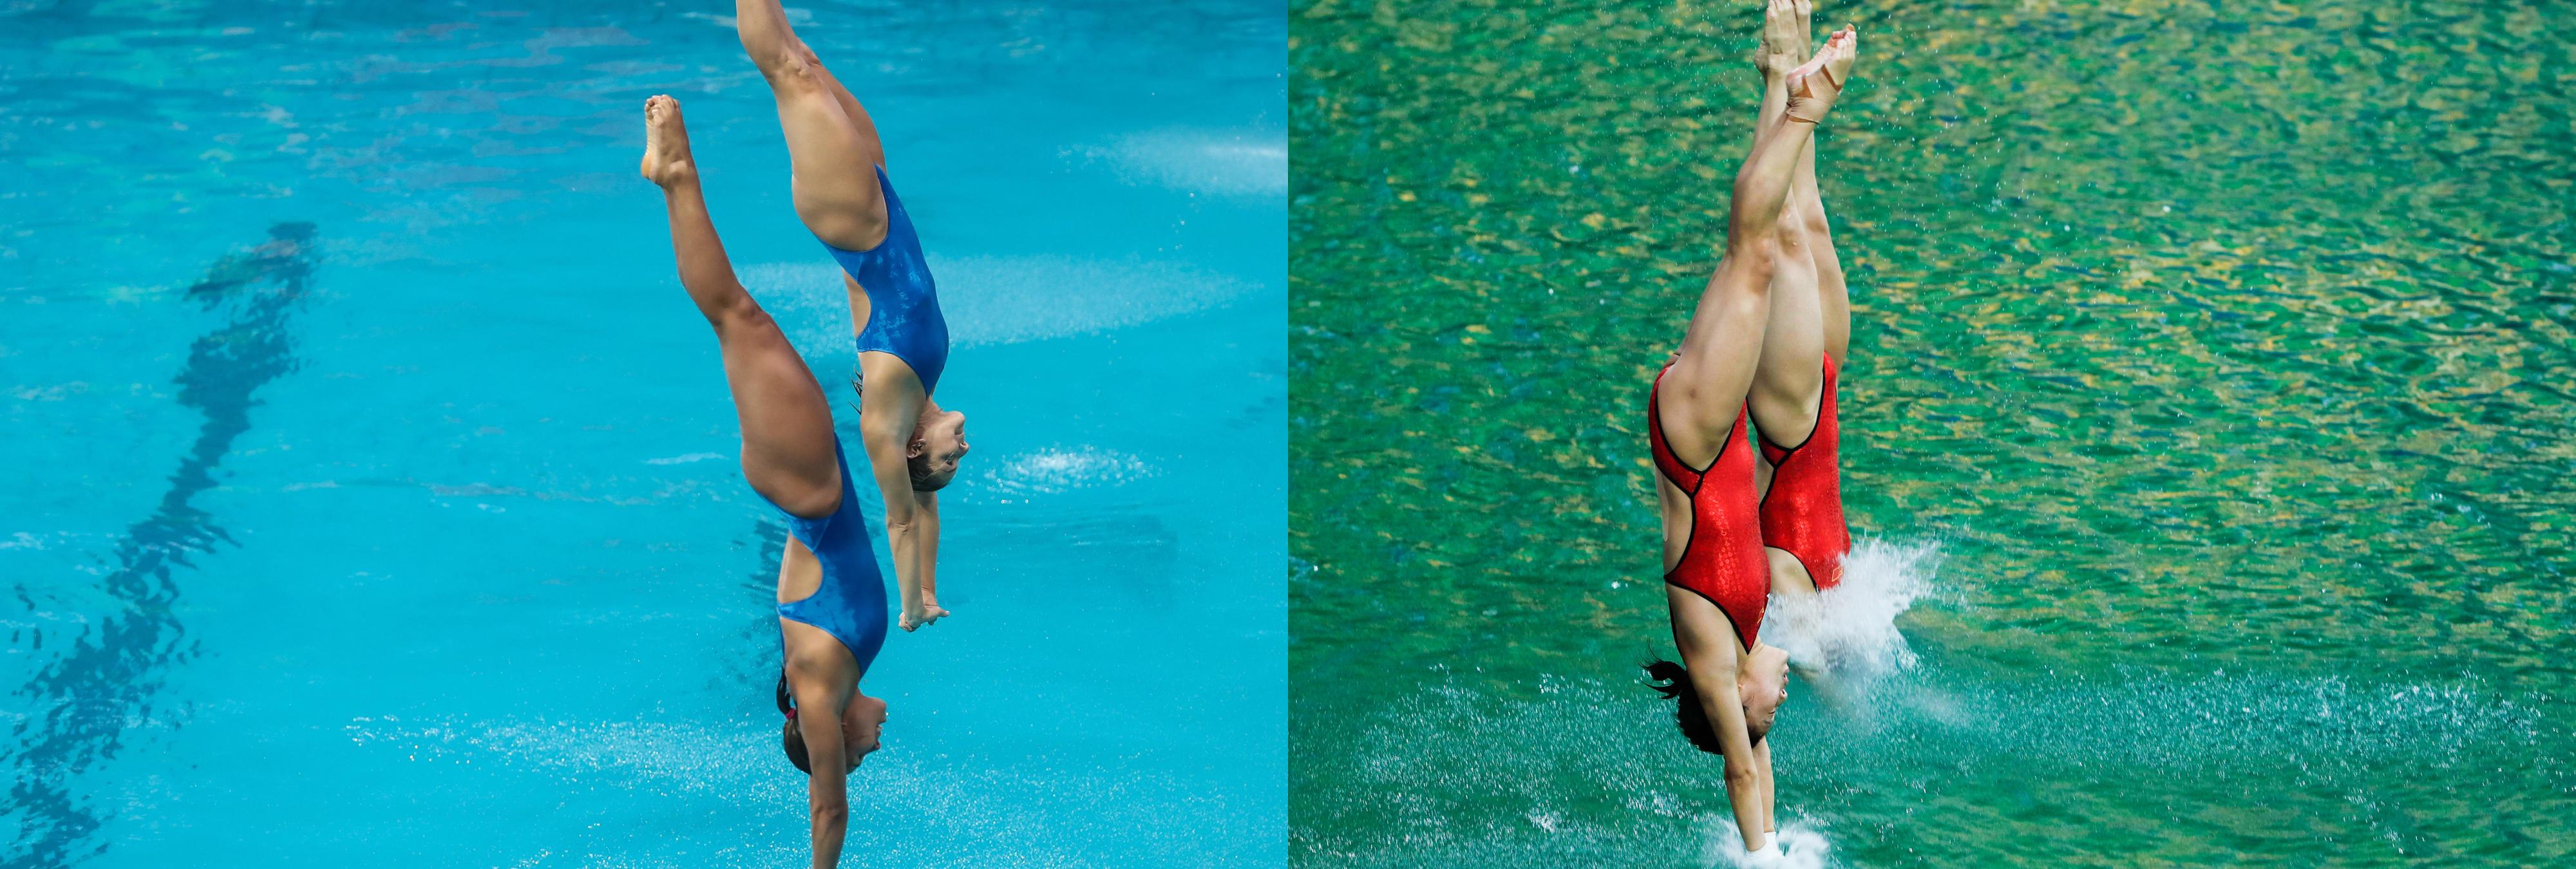 ¿Por qué la piscina de saltos se volvió verde? Nueva polémica en las infraestructuras de Río 2016